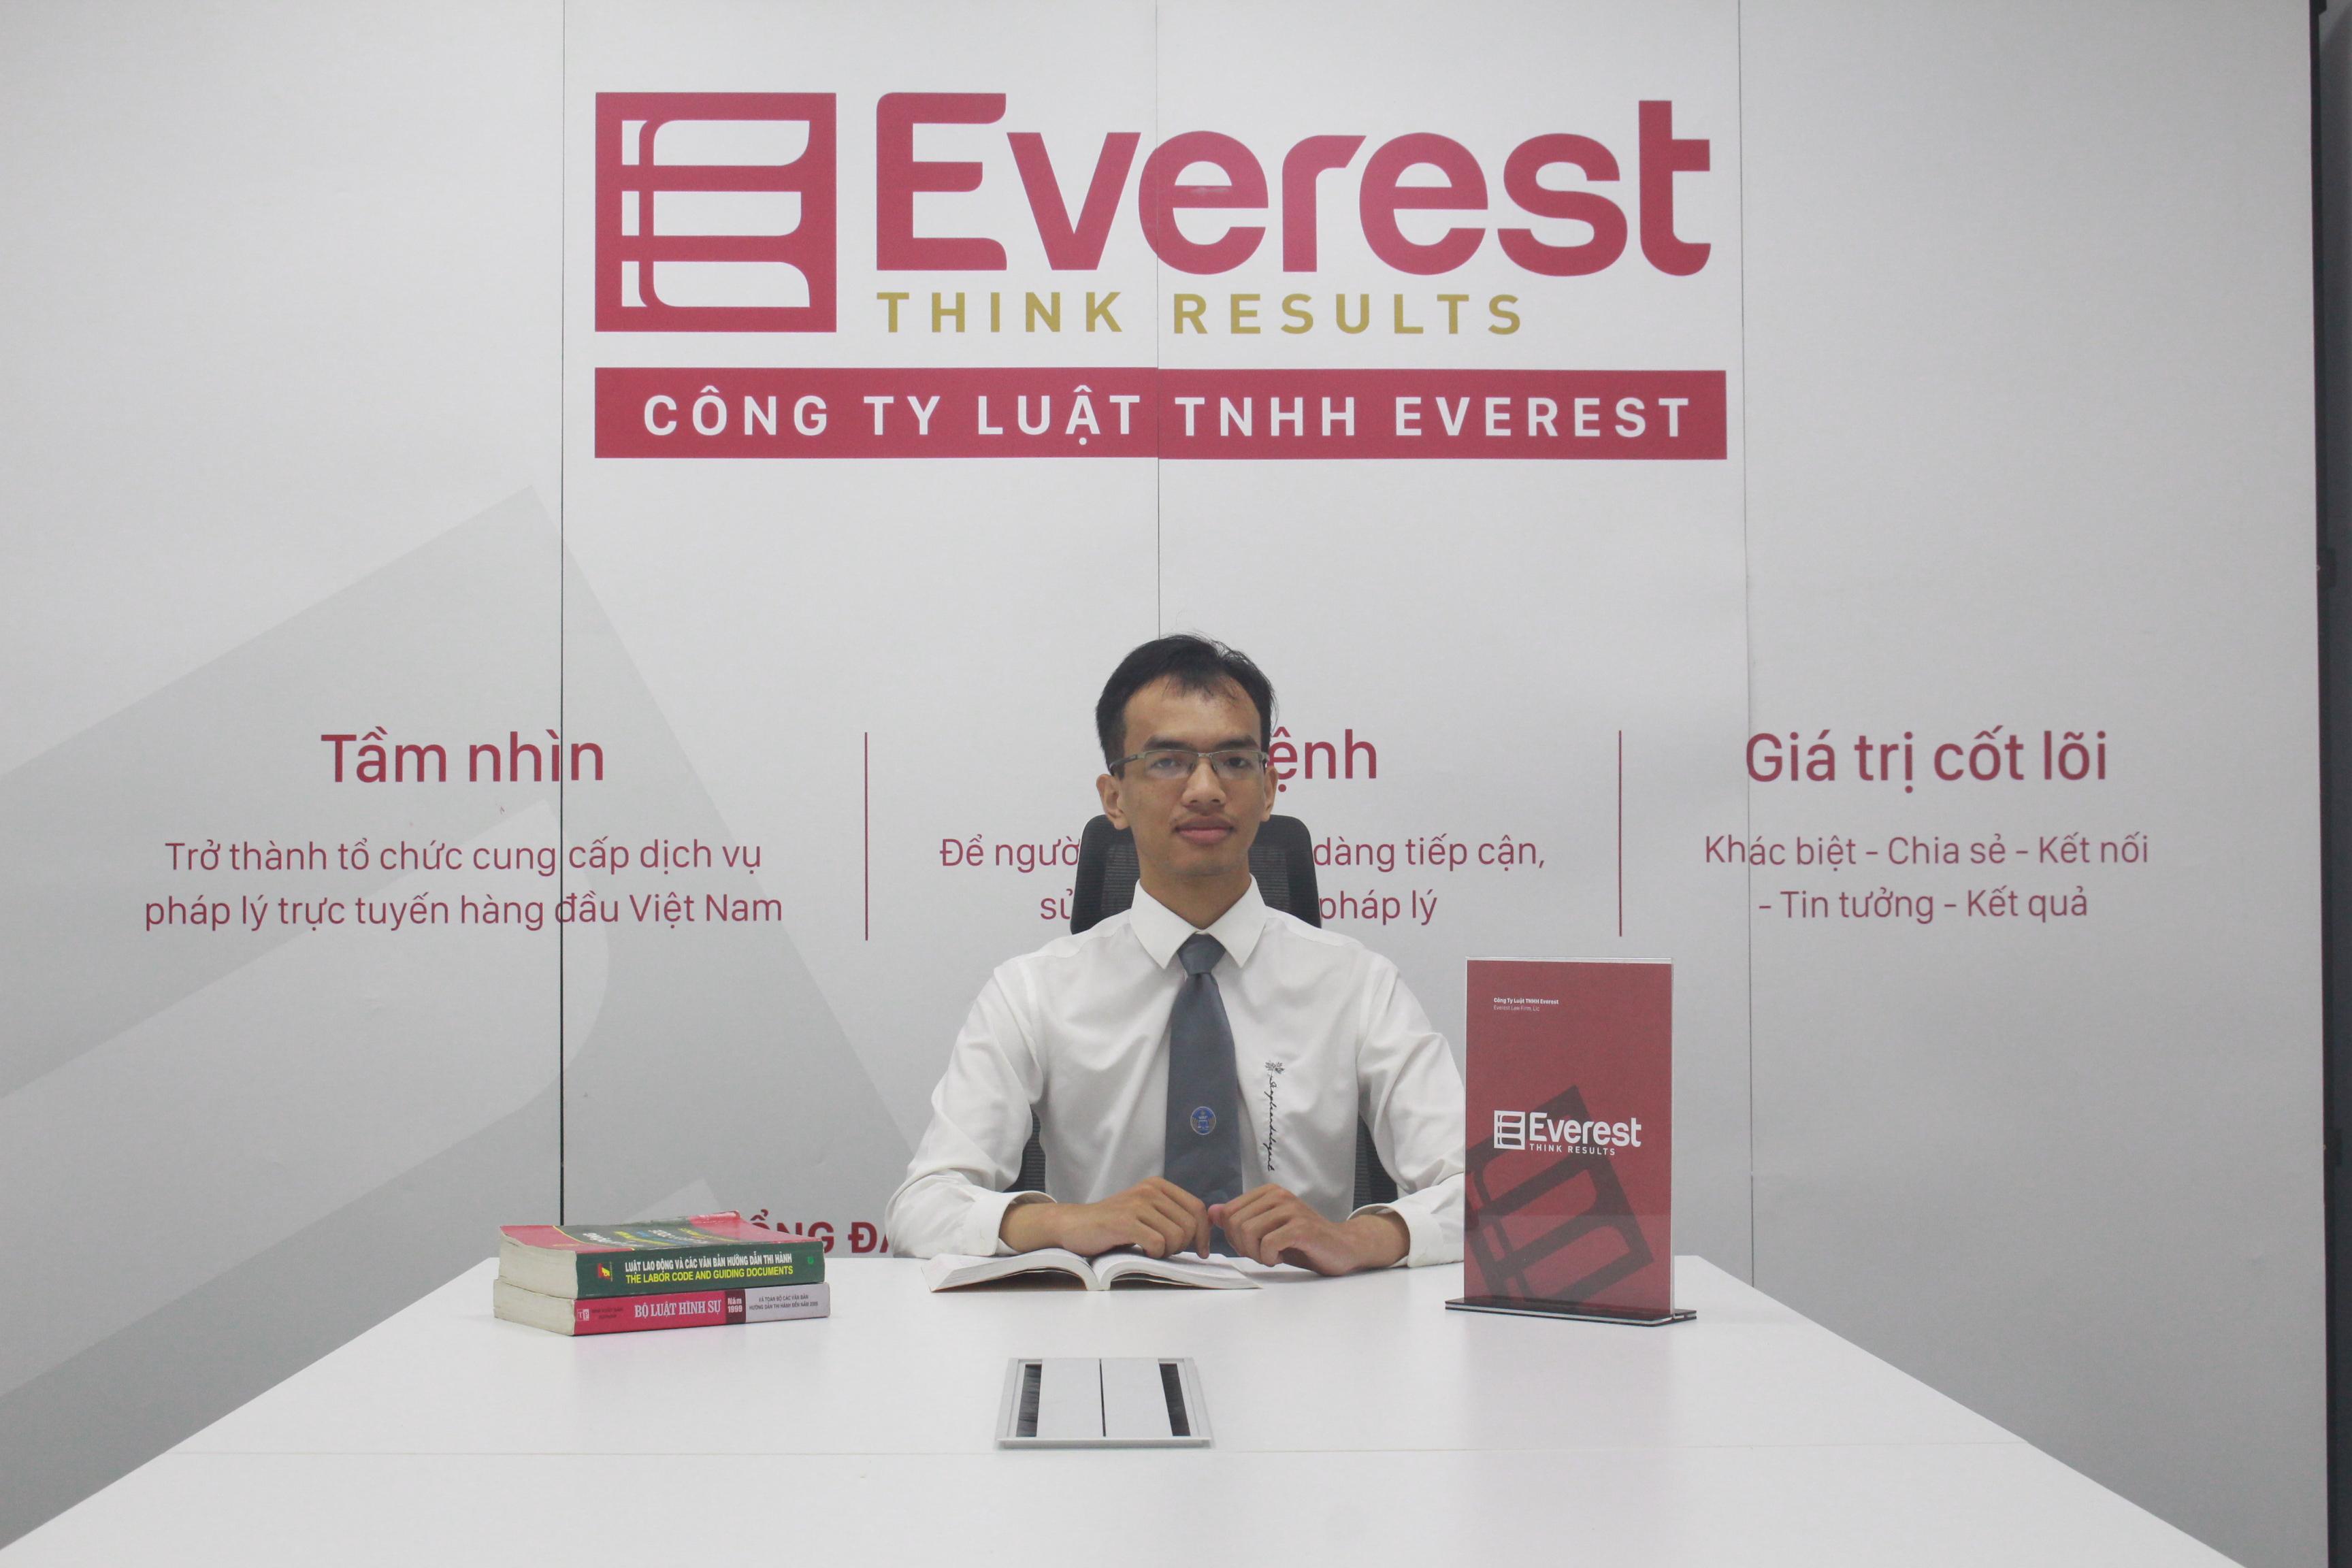 Luật gia Nguyễn Sỹ Việt - Công ty Luật TNHH Everest - Tổng đài tư vấn 24/7: 1900 6198